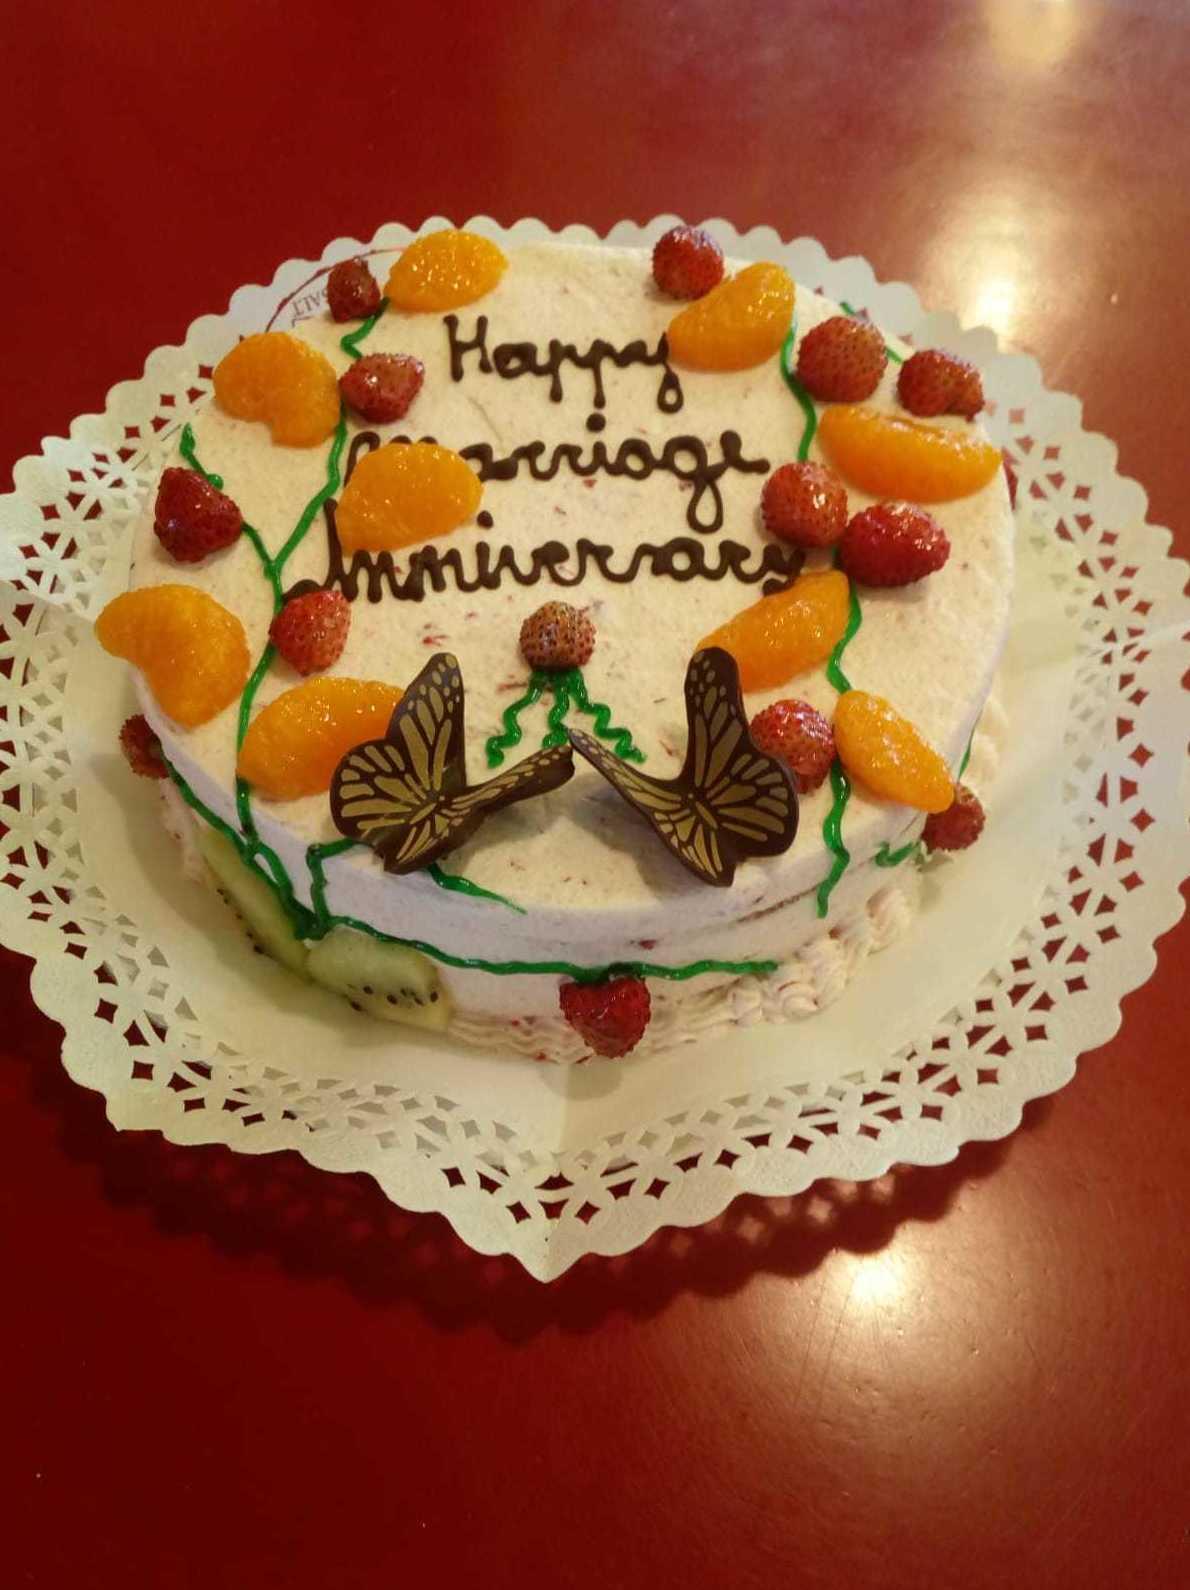 Tarta para aniversario de bodas. Dulces recuerdos en una tarta riquísima